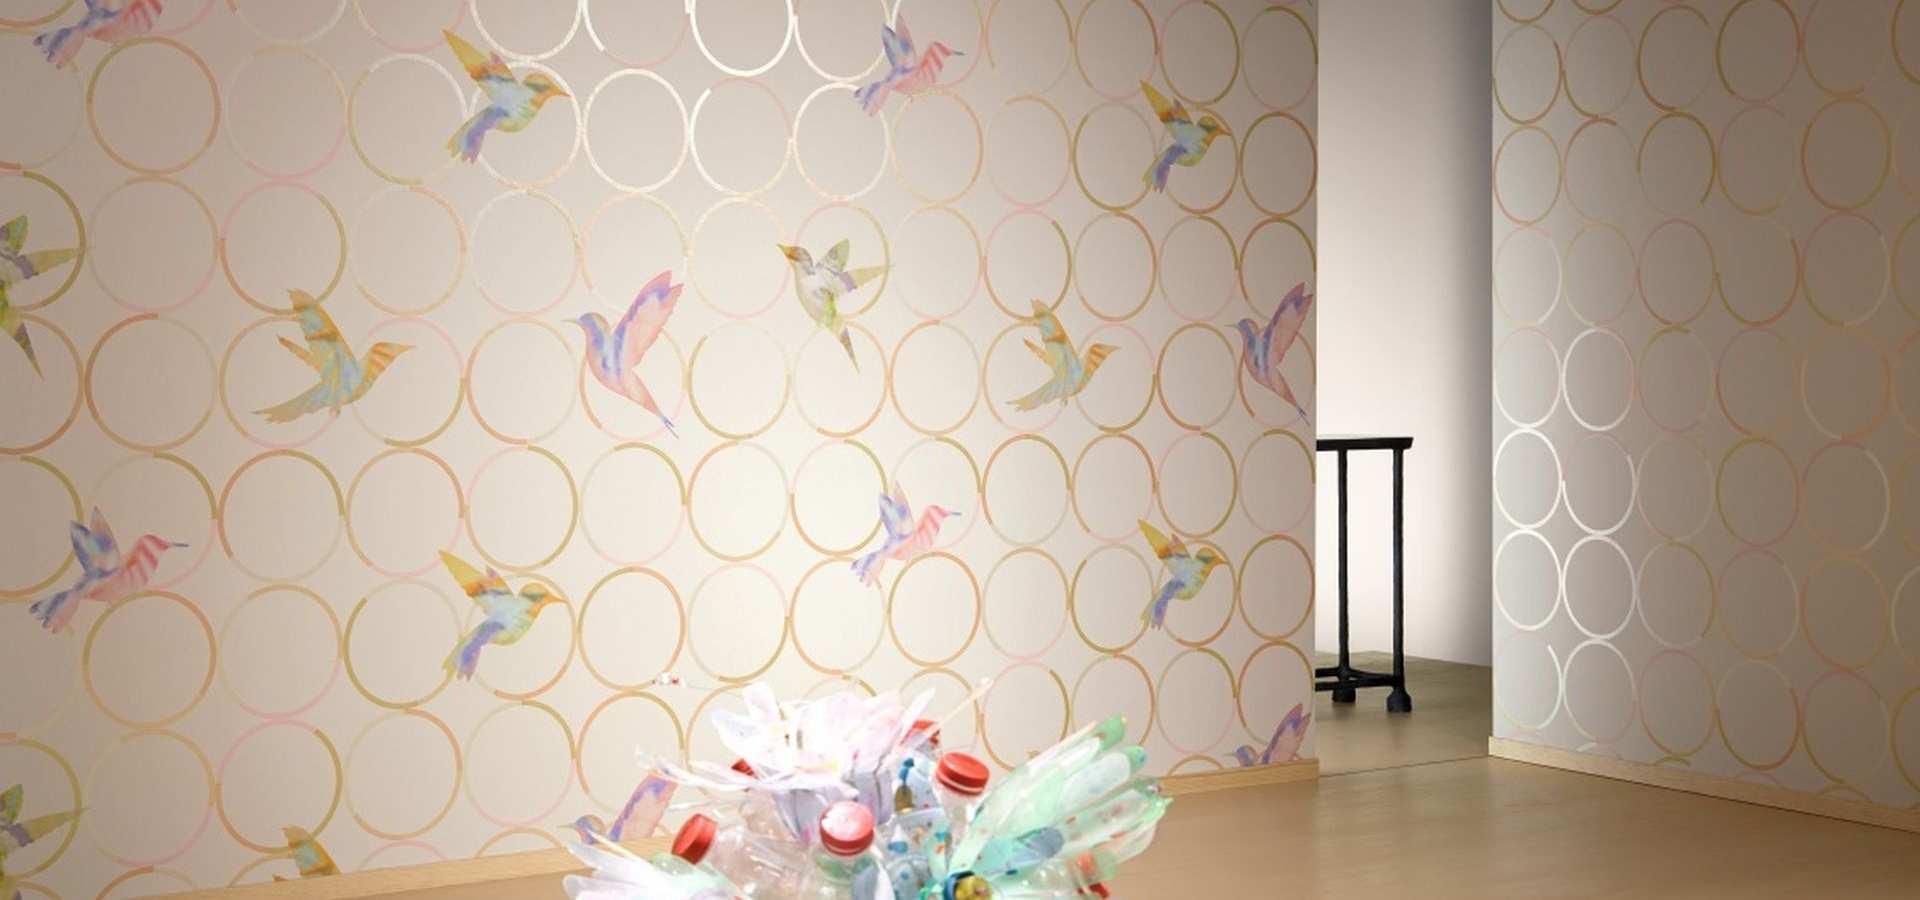 Bild Tapete Wohnzimmer beige Schwalben